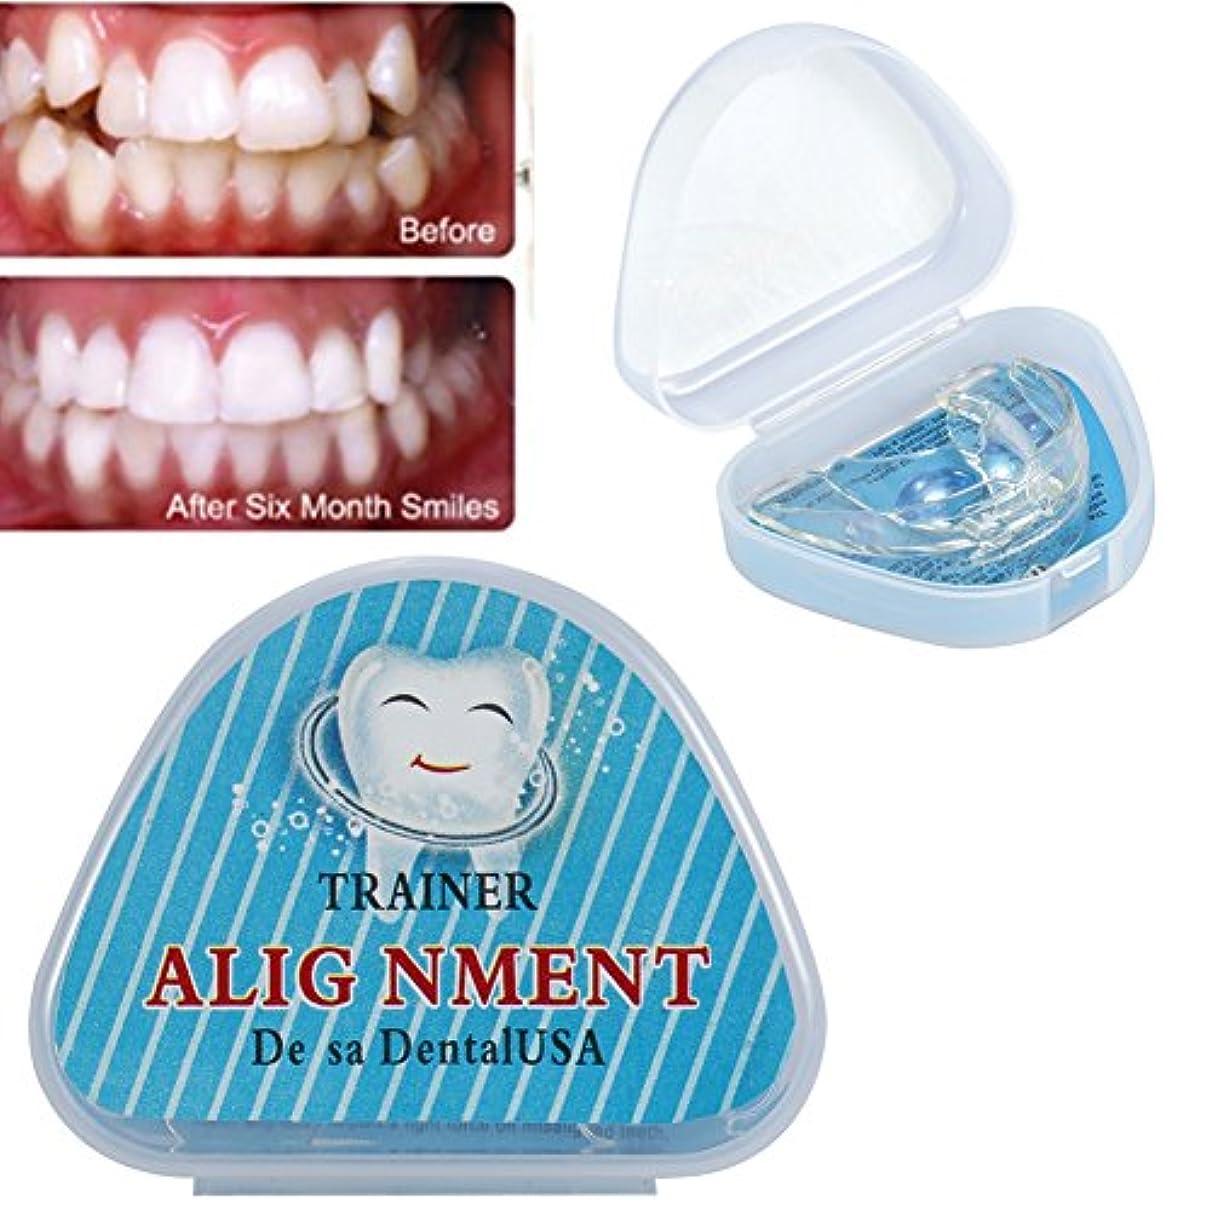 表面古い曇ったEboxer 歯 矯正 矯正器 デンタルマウスピース 矯正用リテーナー マウスピース 噛み合わせ 歯ぎしり いびき防止 予防 歯並び 矯正